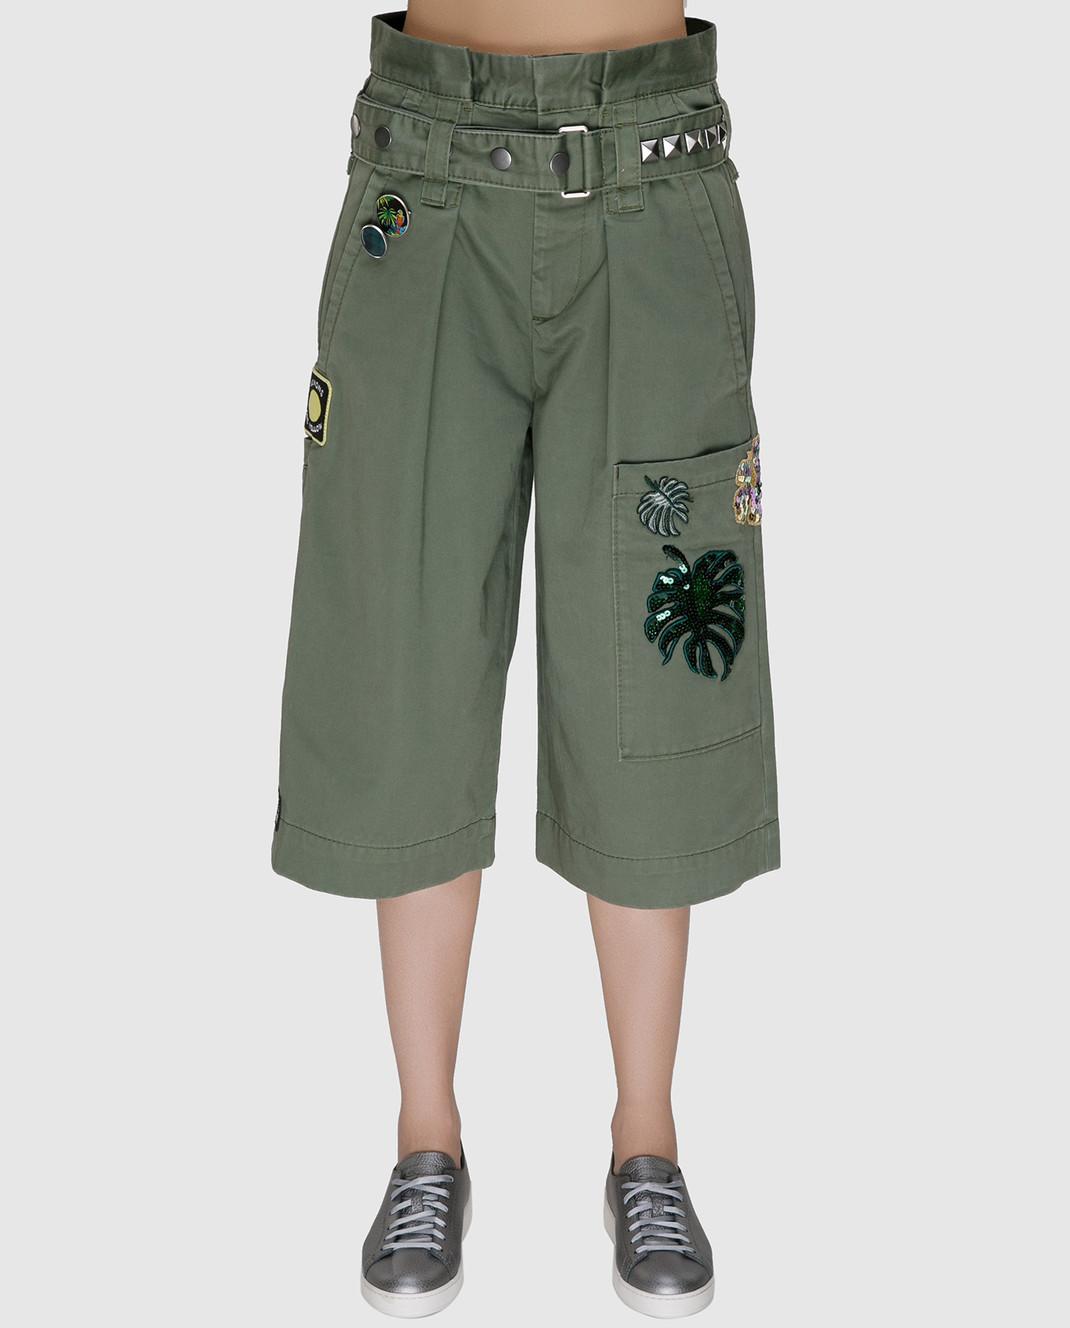 Marc Jacobs Зеленые шорты со съемным ремнем M4006493 изображение 3